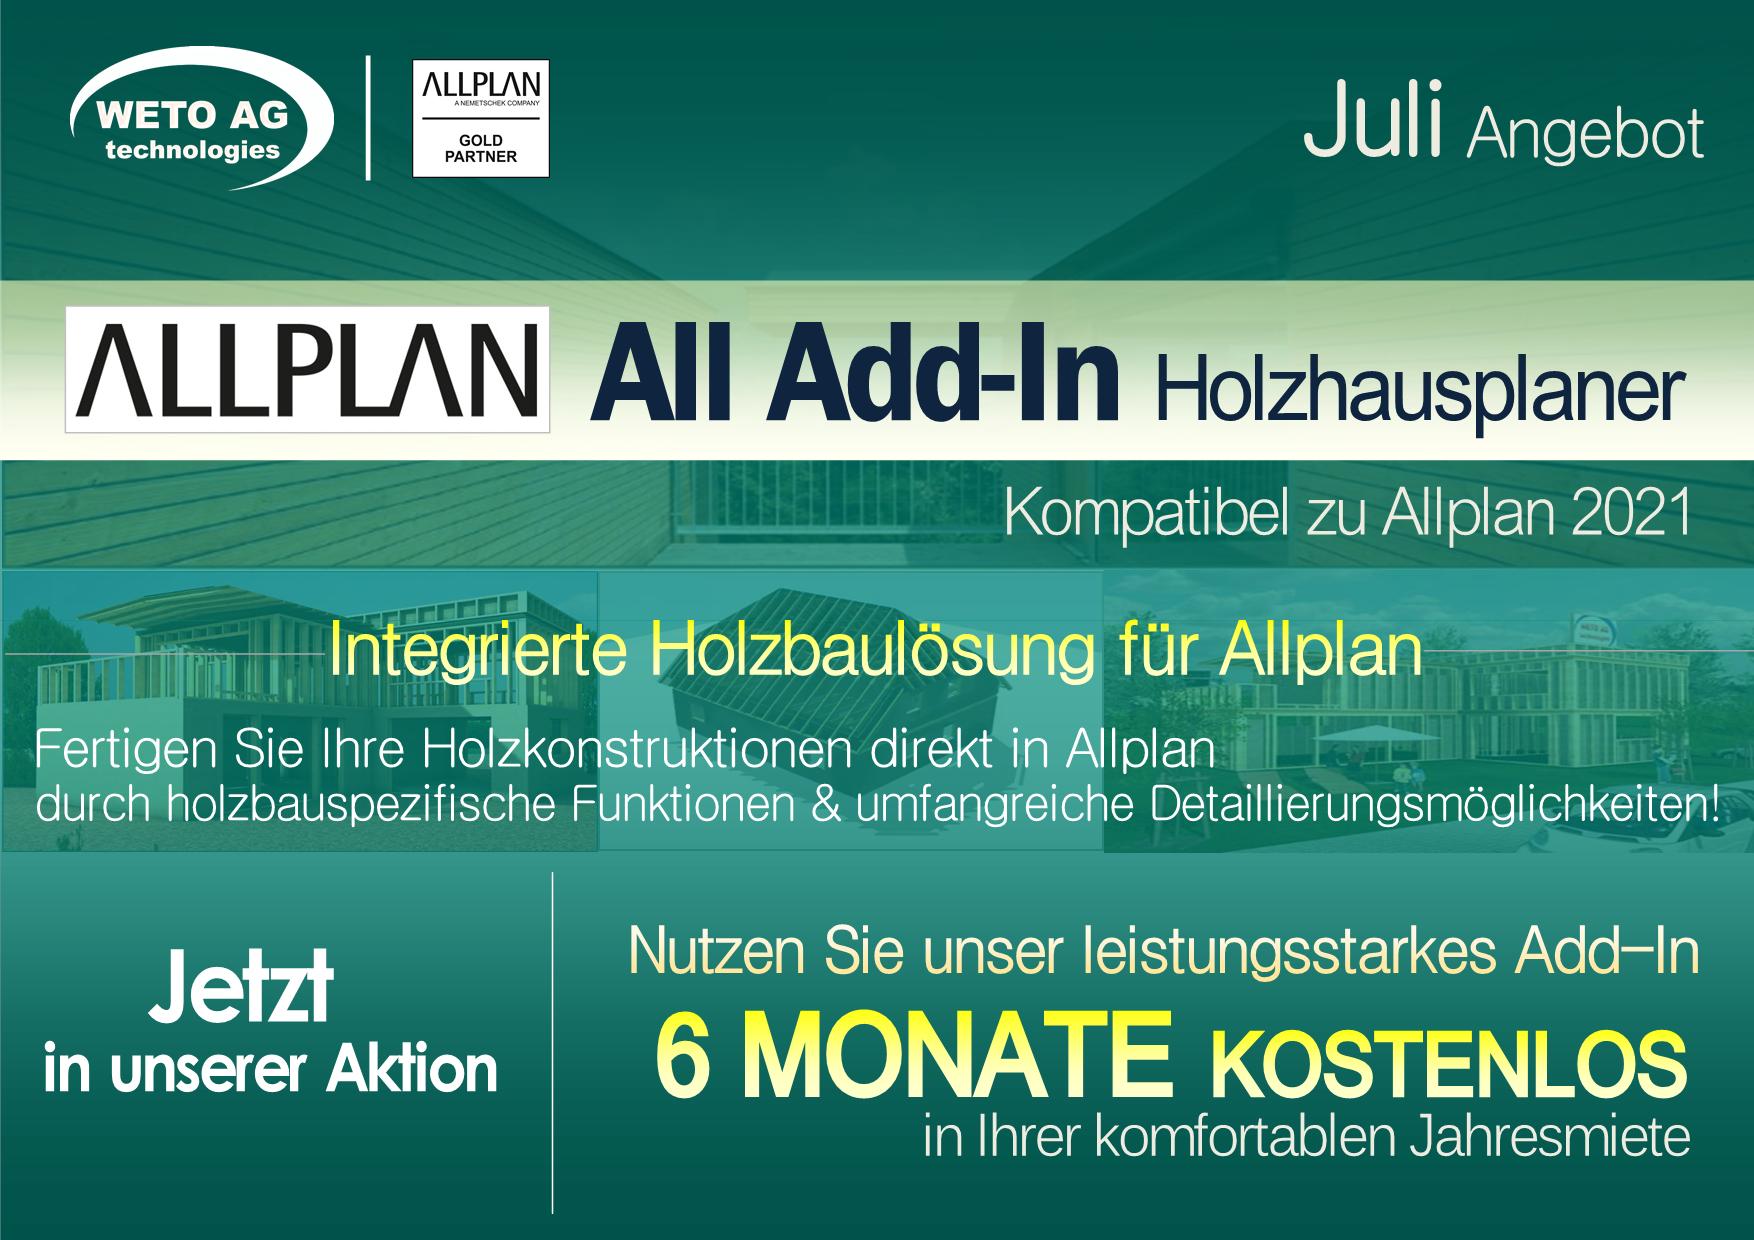 JULI Aktion   ALLPLAN - All Add-In HOLZHAUSPLANER   6 MONATE GRATIS NUTZEN! (Preis hier: Normale Monatliche Miete)